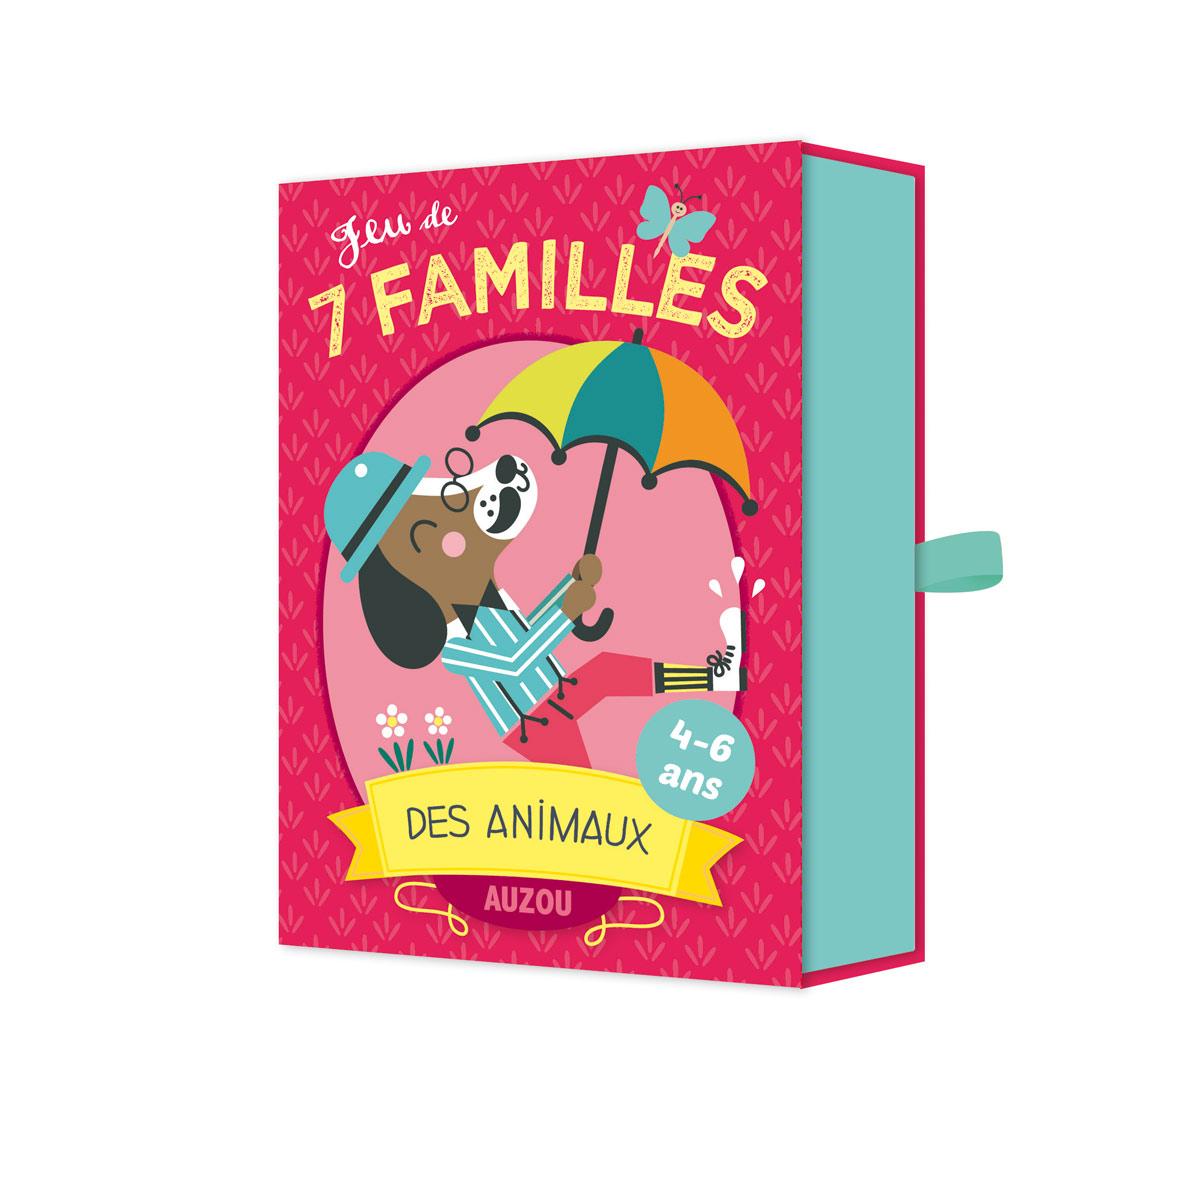 Jeu De 7 Familles Des Animaux concernant Jeux En Ligne Enfant 3 Ans